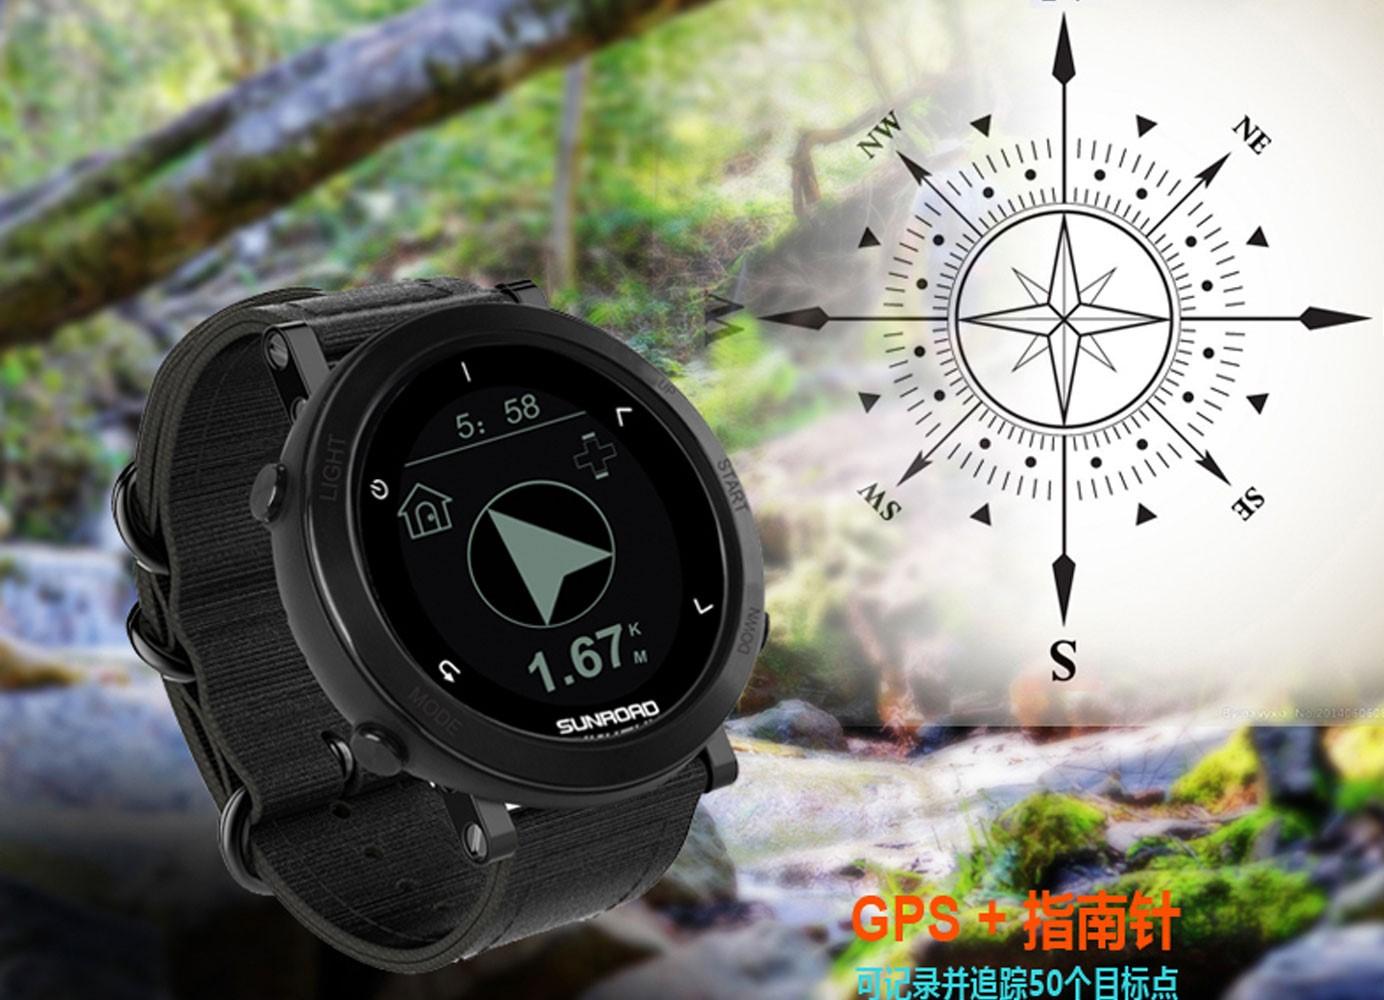 時尚運動手表跑步_防水登山表心率-深圳市松路信息科技有限公司